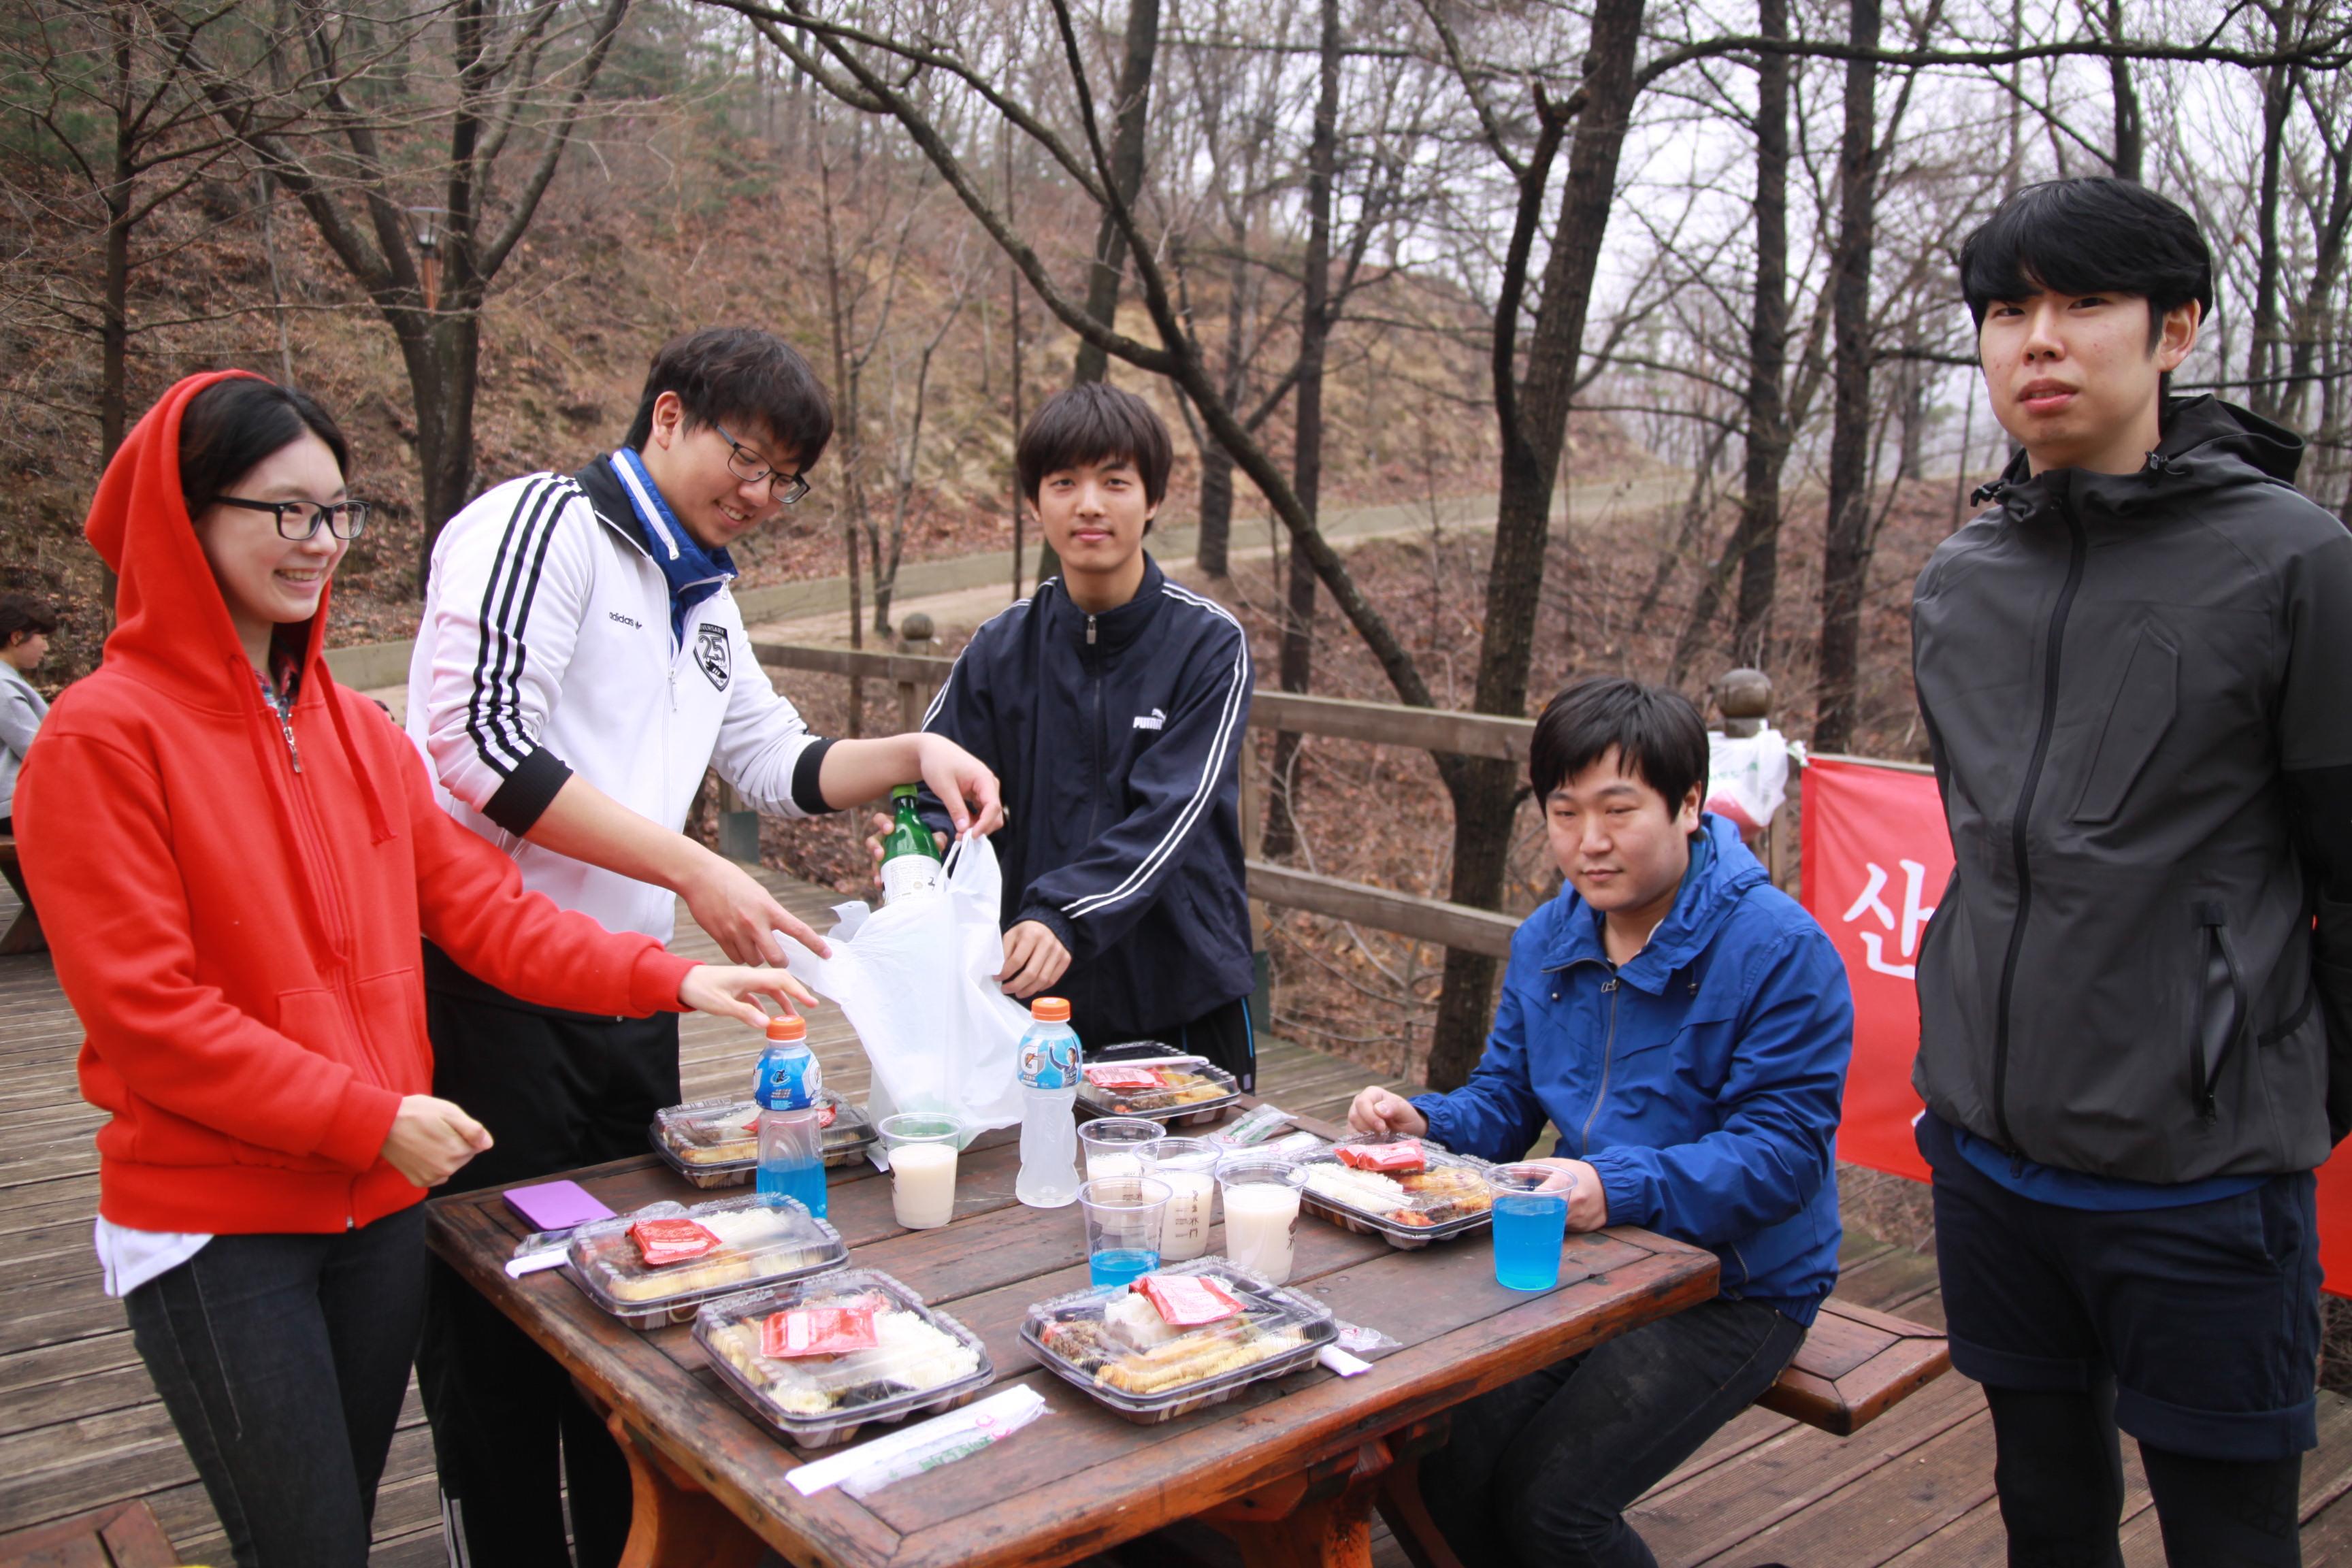 2015년 영인산 휴양림 (4월 1일 만우절) - 복사본